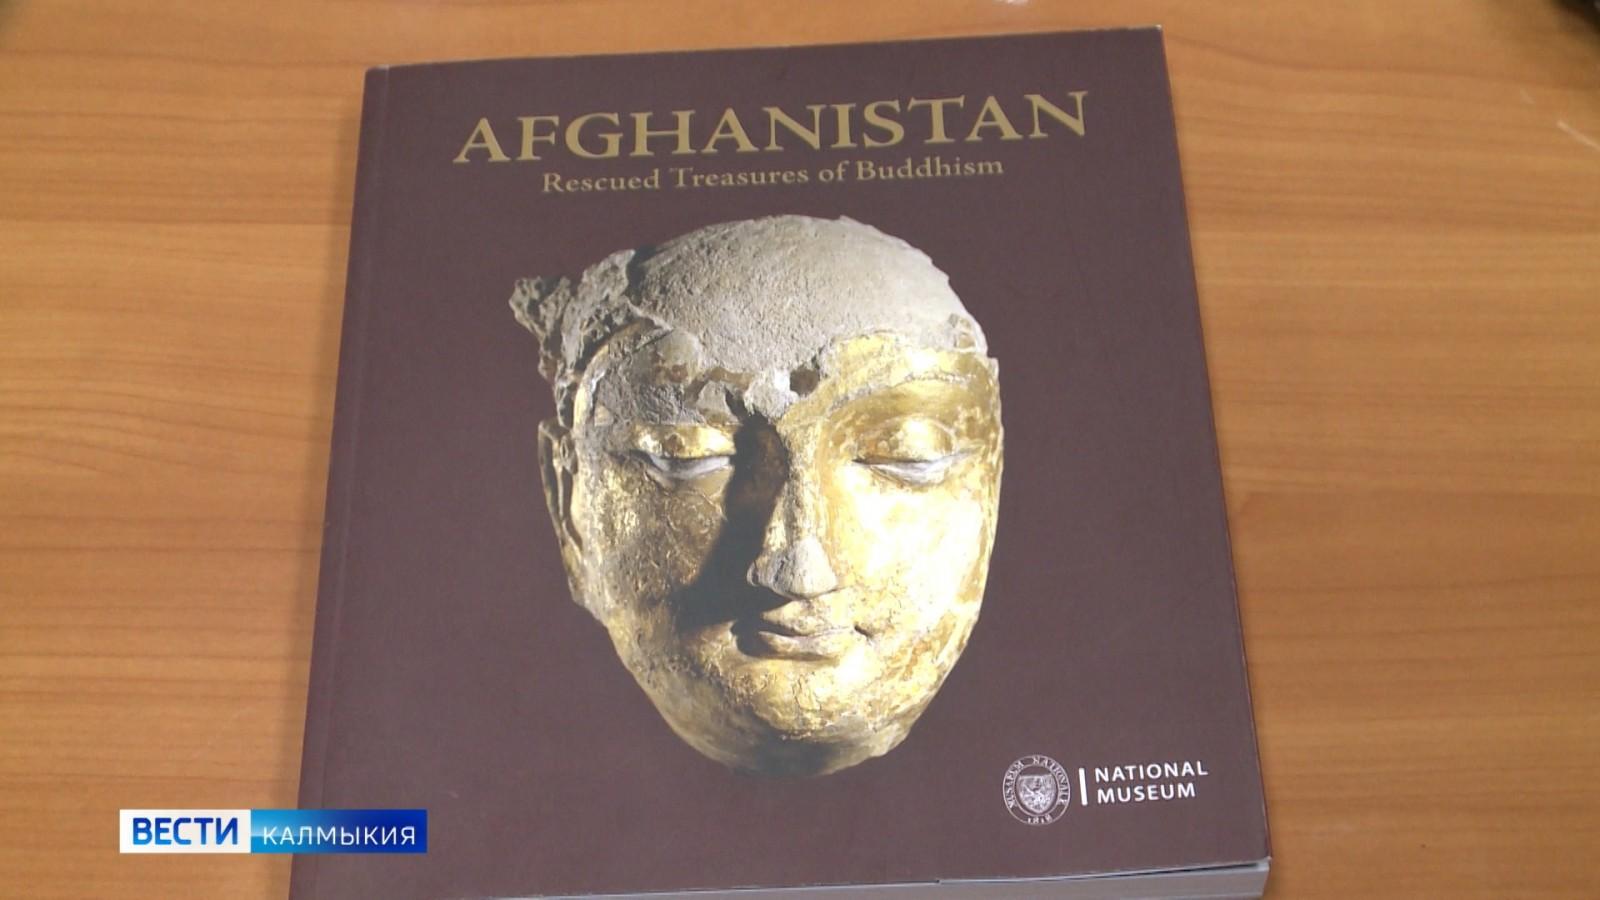 Национальный музей Афганистана передал в дар Калмыкии уникальные альбомы